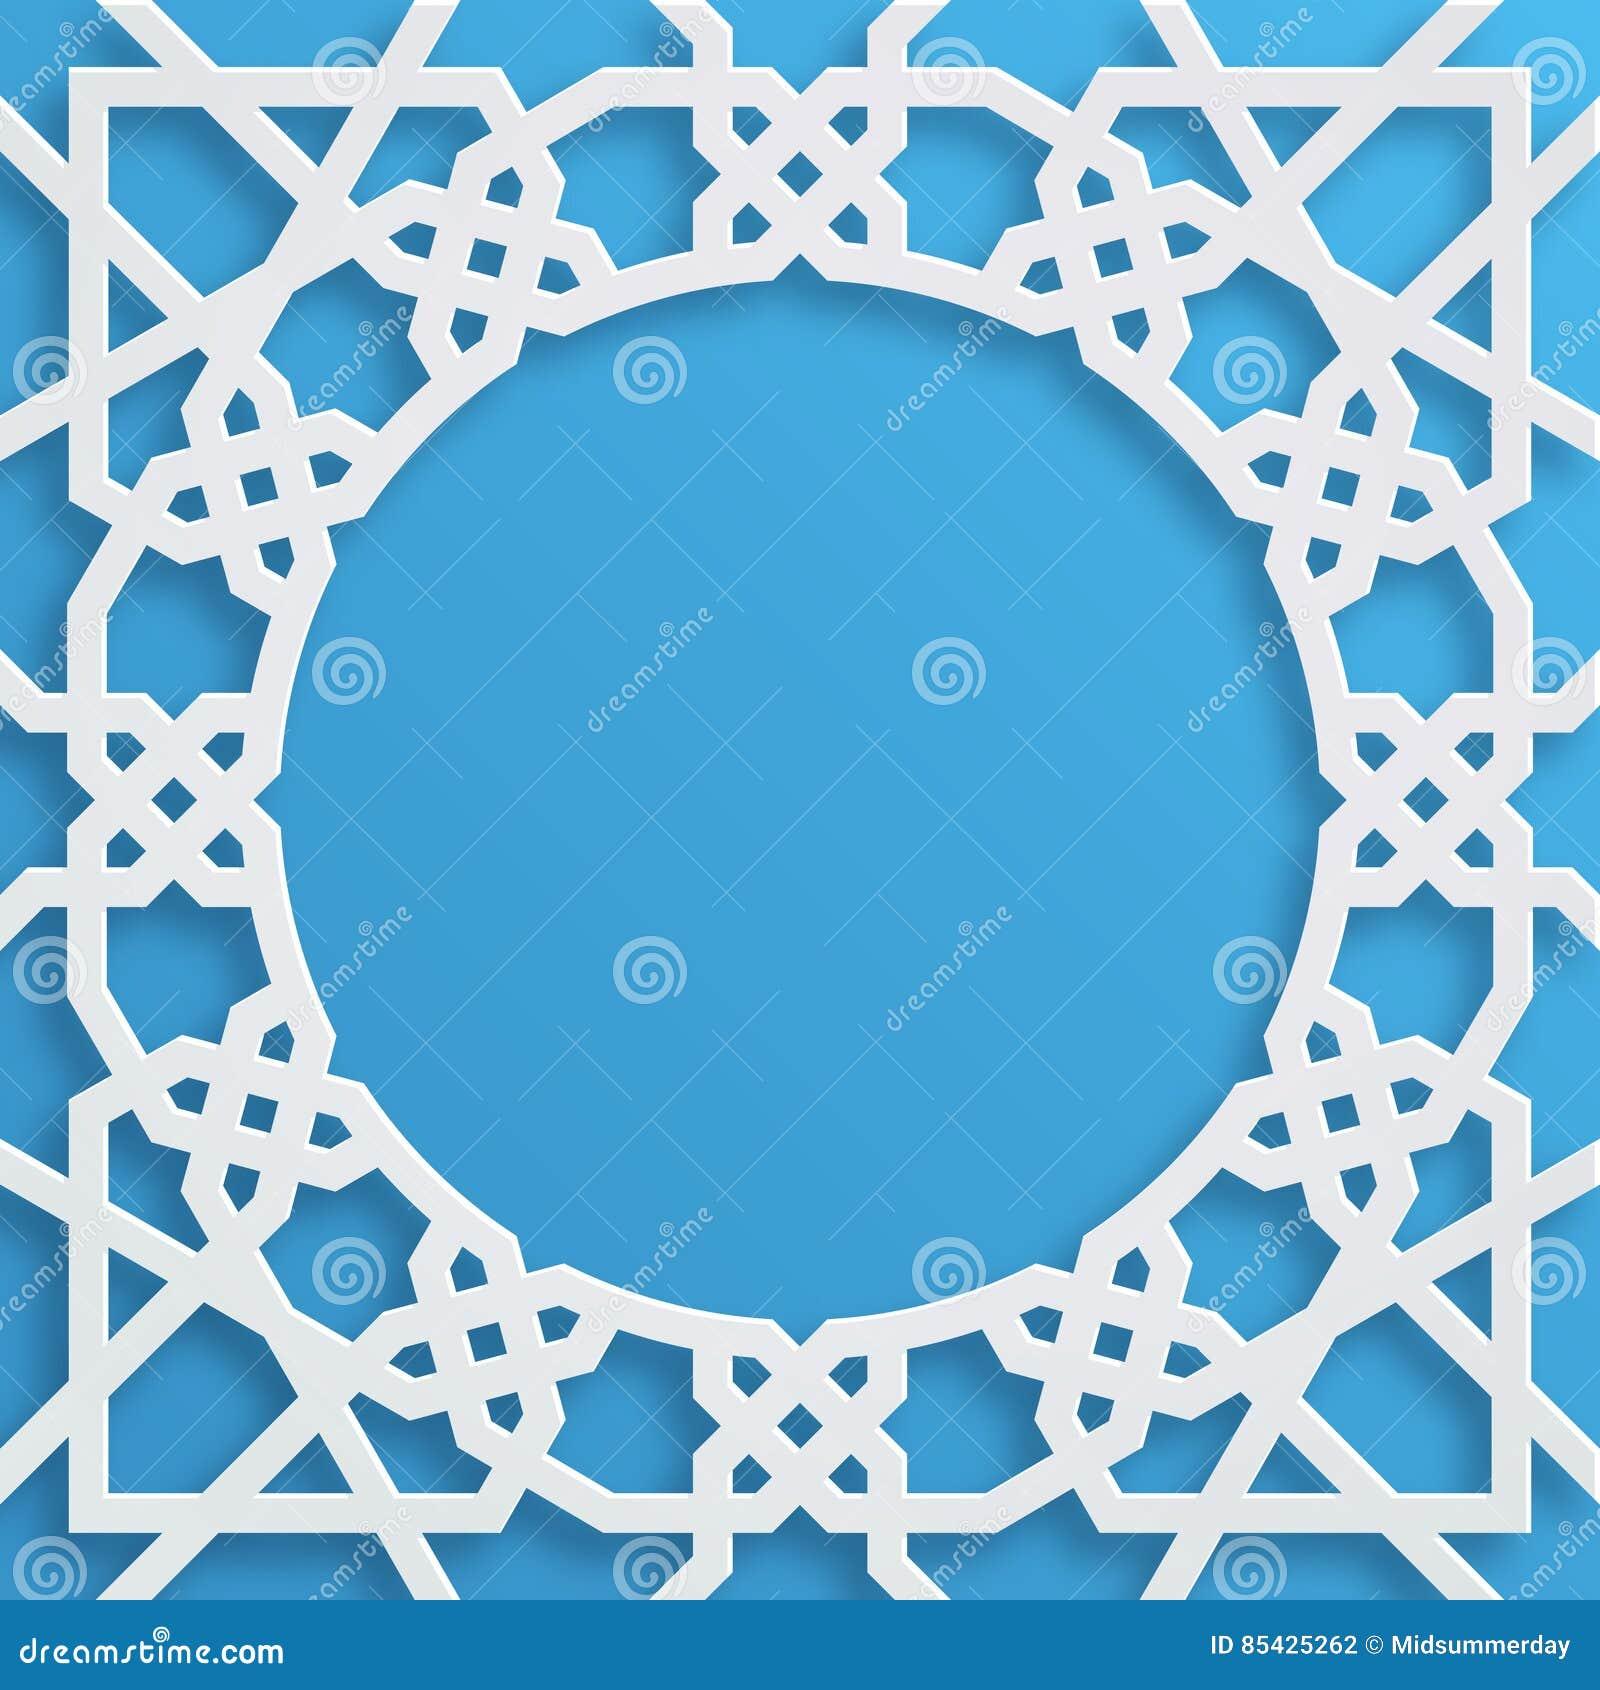 Διανυσματικό μουσουλμανικό μωσαϊκό, περσικό μοτίβο Στοιχείο διακοσμήσεων μουσουλμανικών τεμενών Ισλαμικός γεωμετρικός